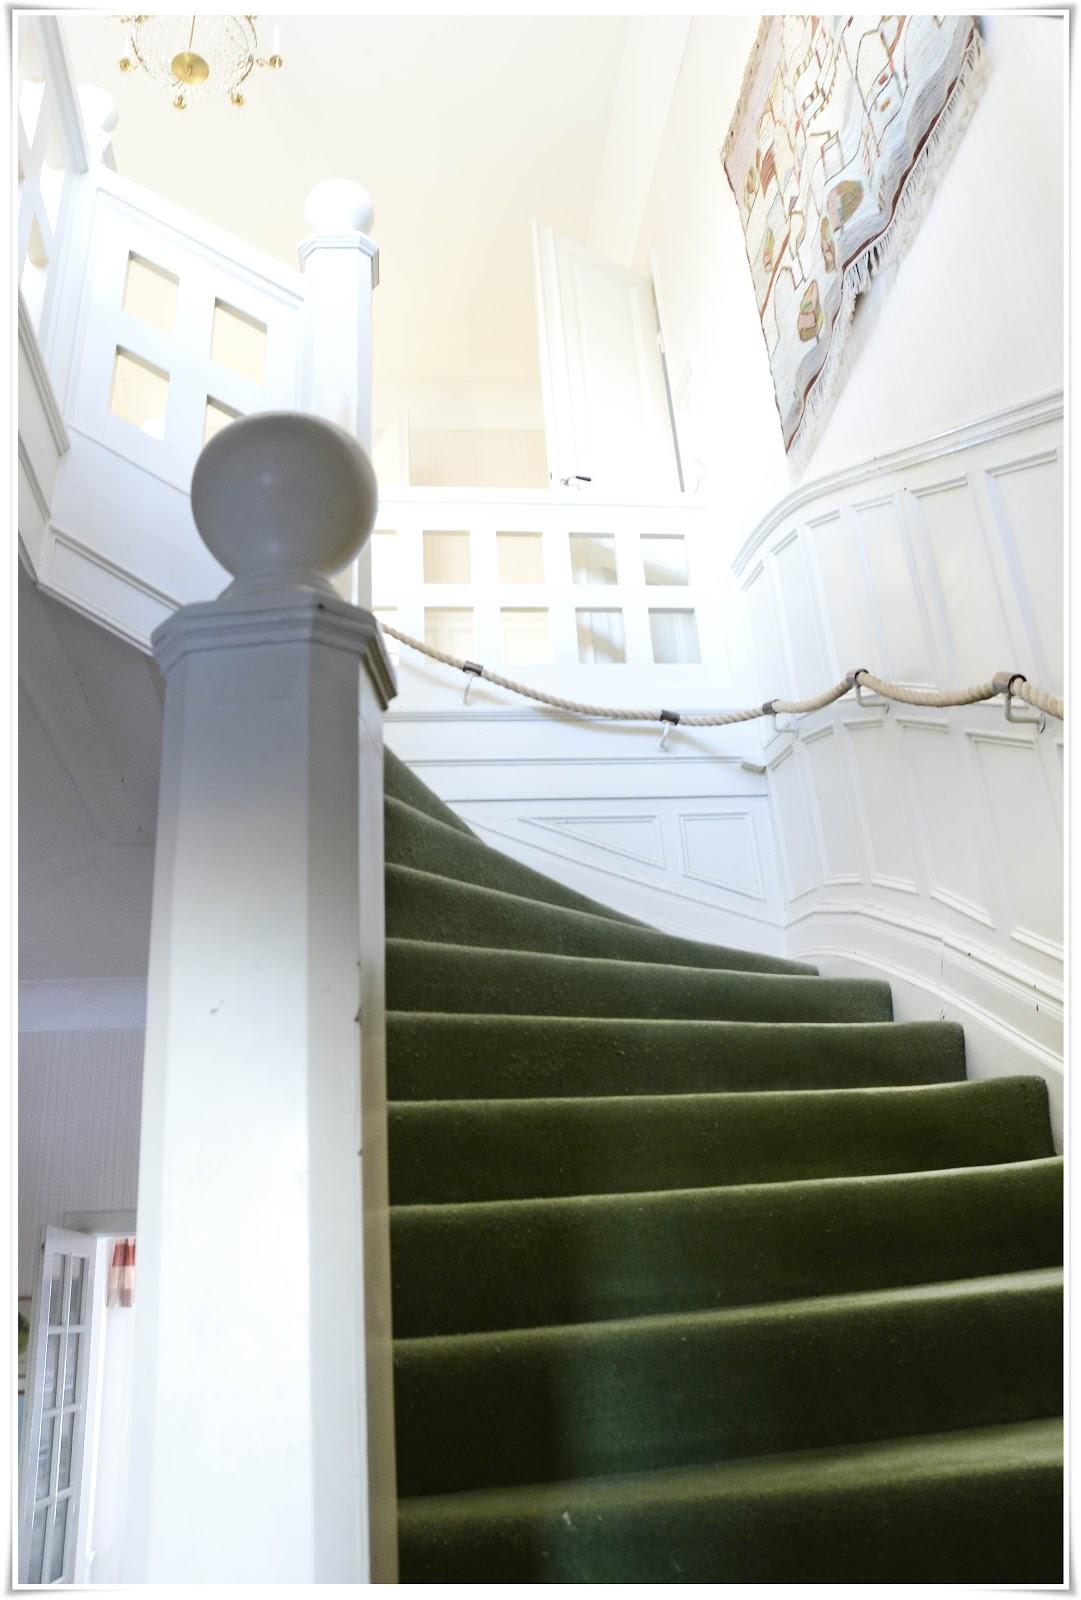 På vår udde: jag föll för trappan